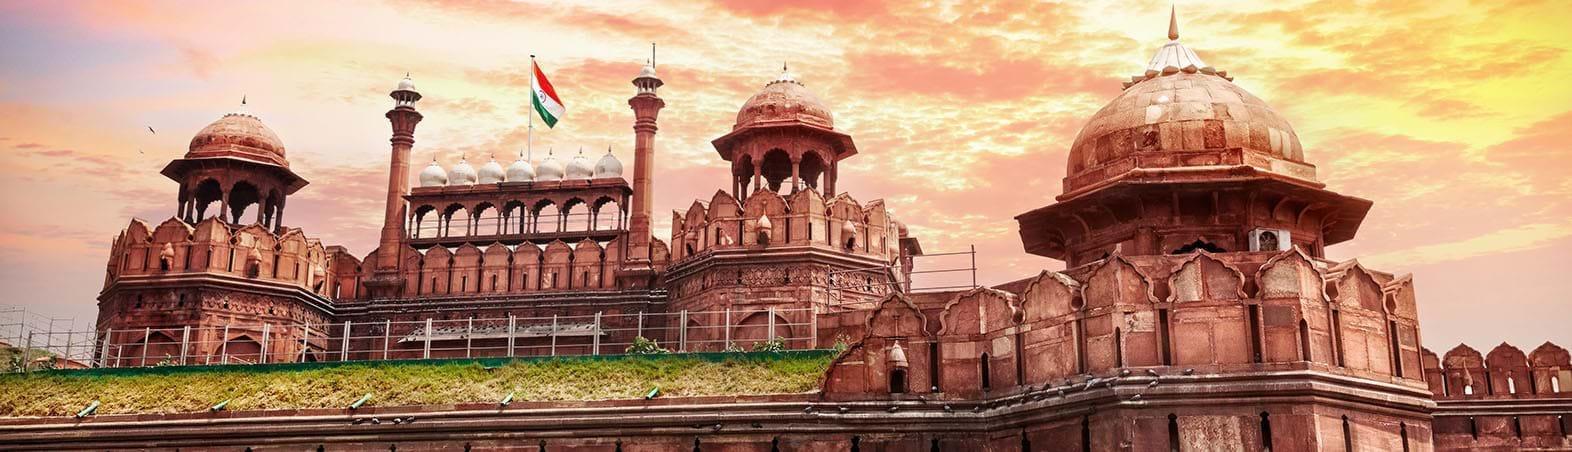 New Delhi: Exploring the Capital at 5AM